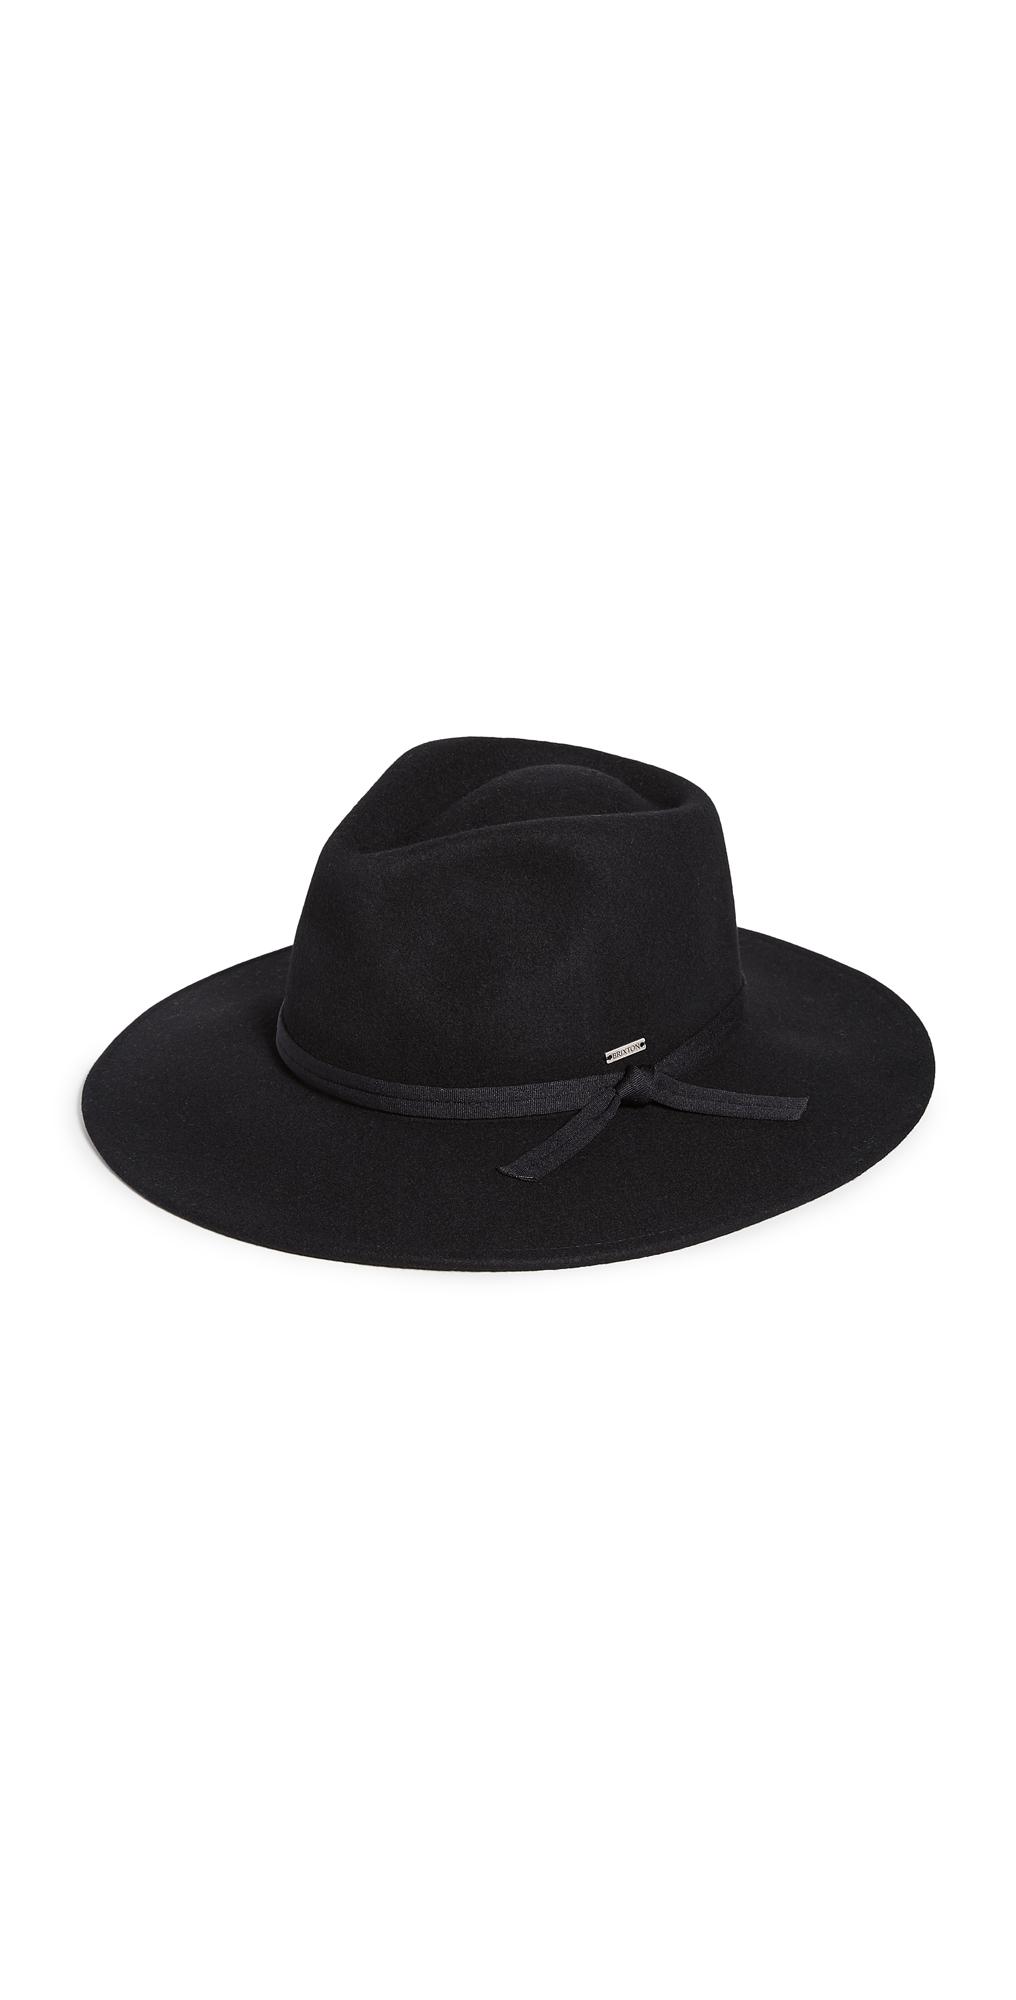 Joanna Felt Packable Hat